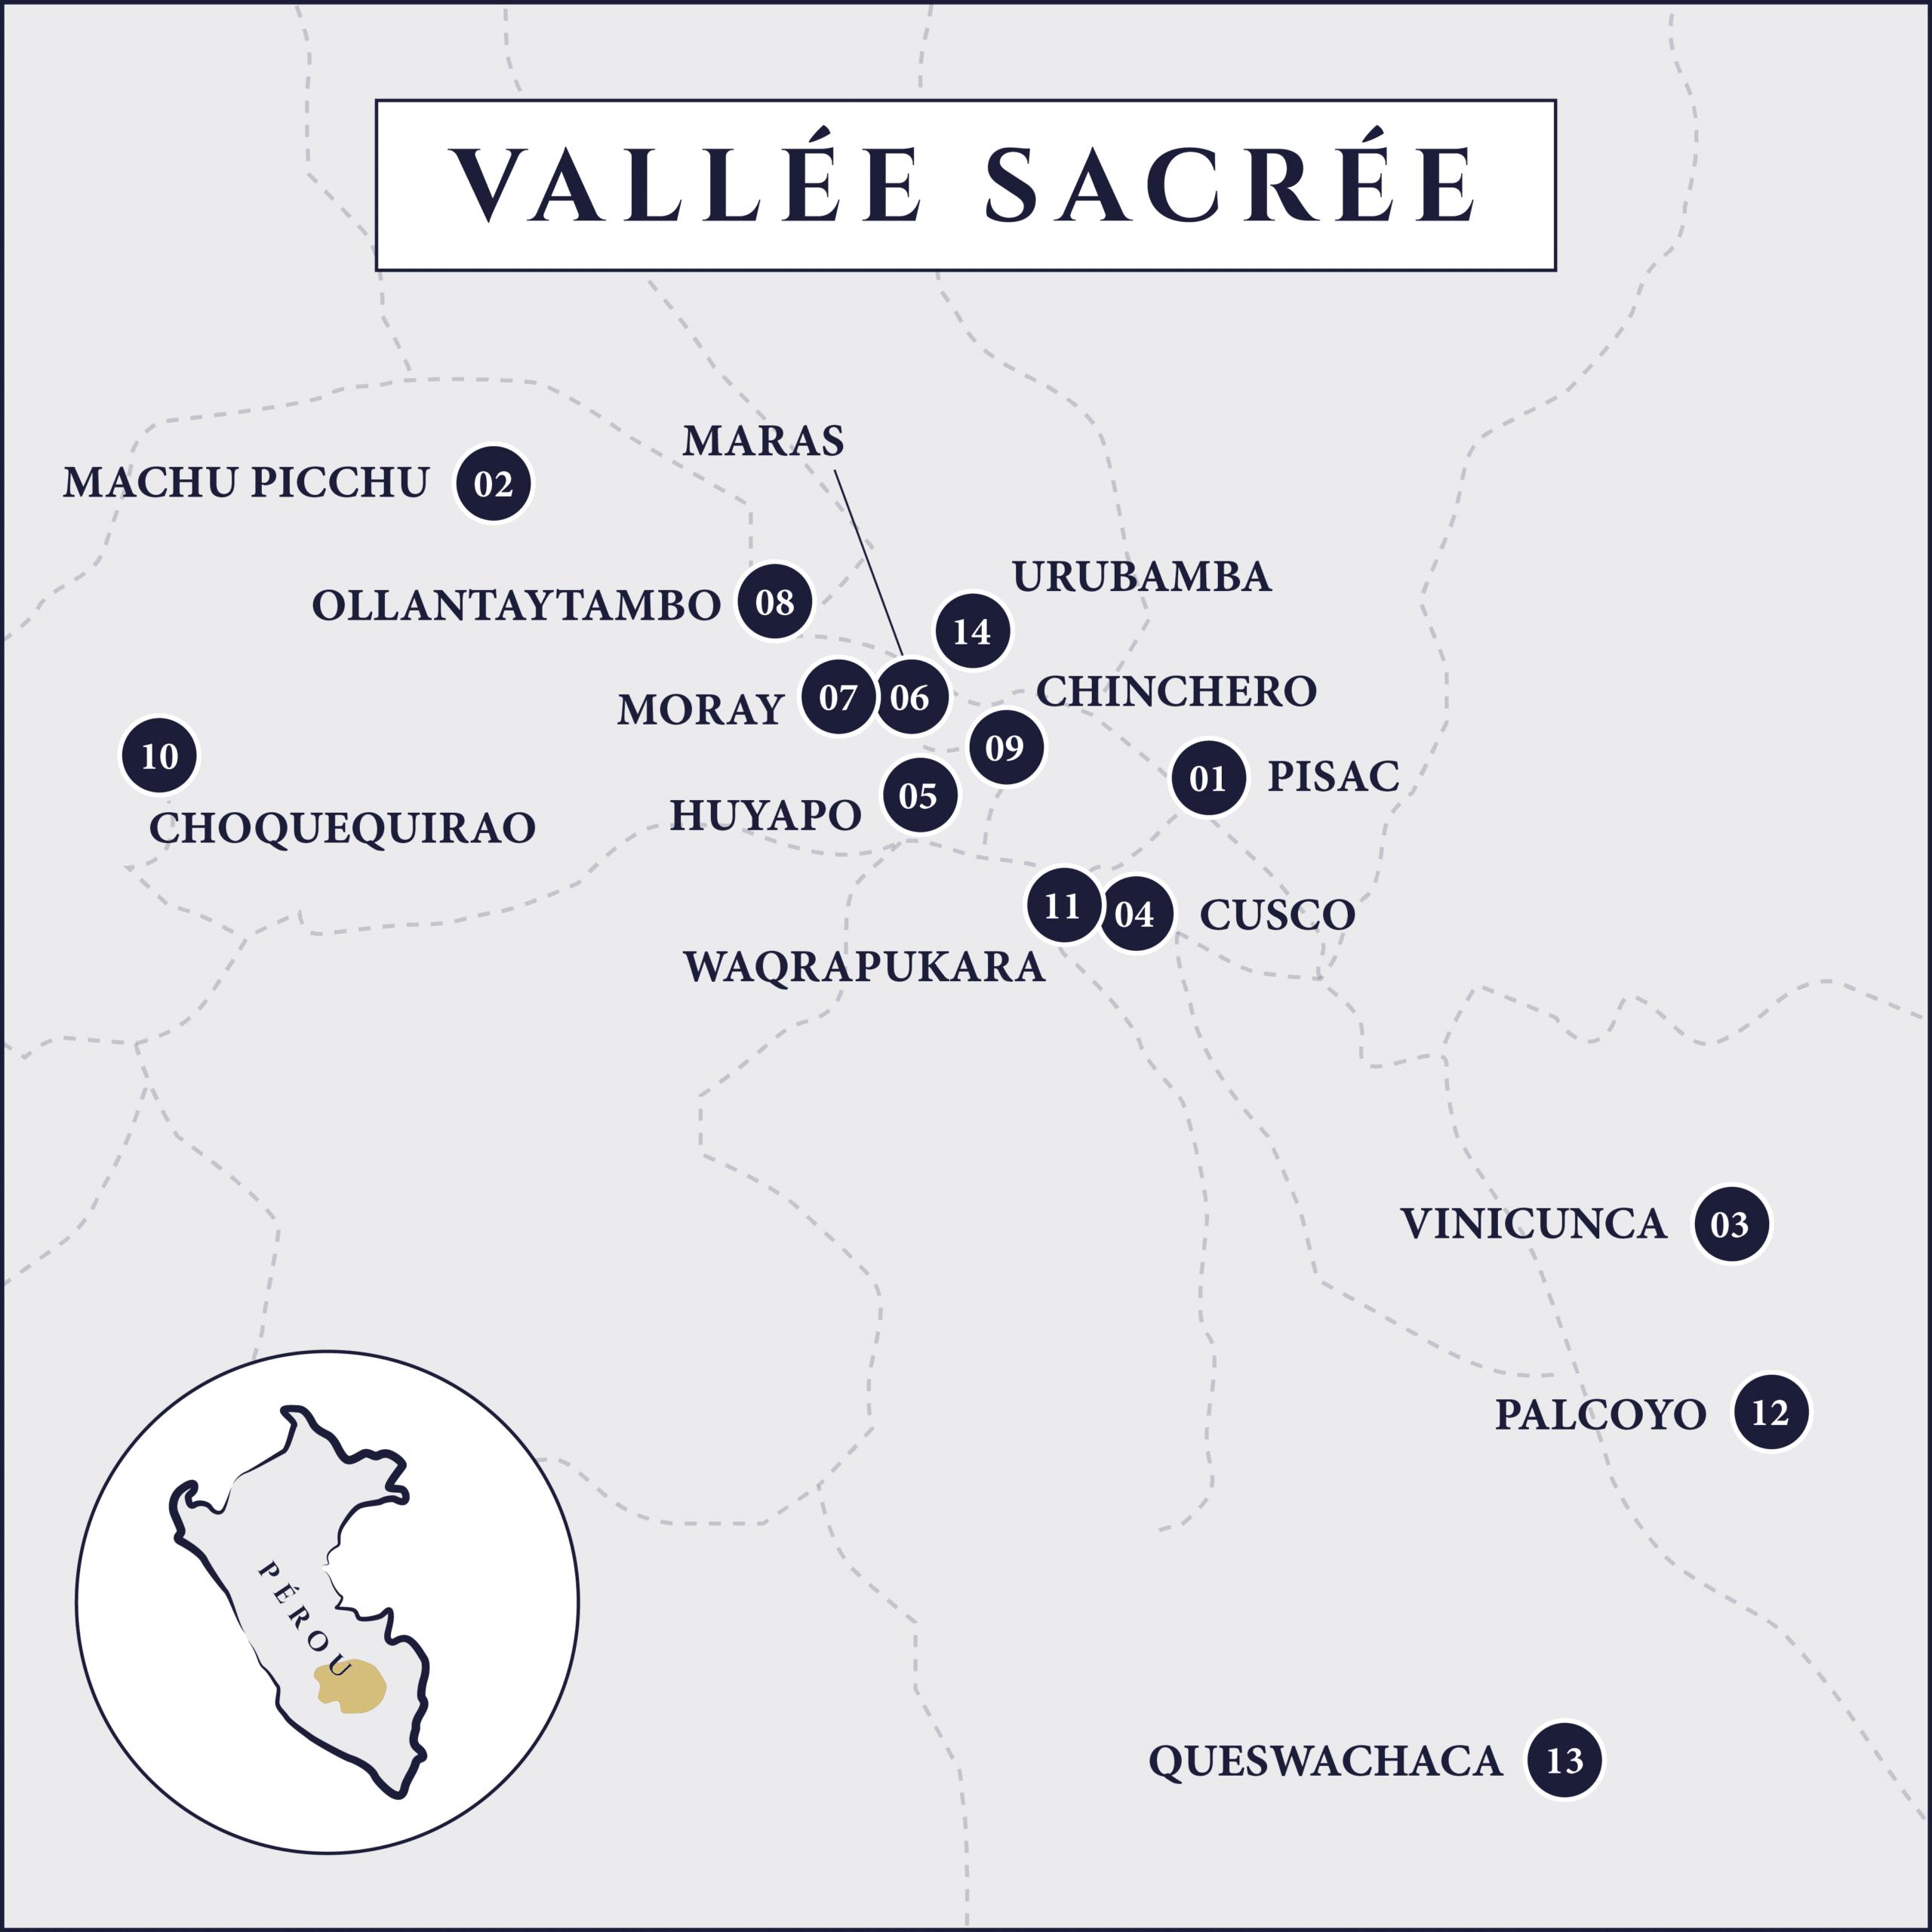 carte vallée sacrée